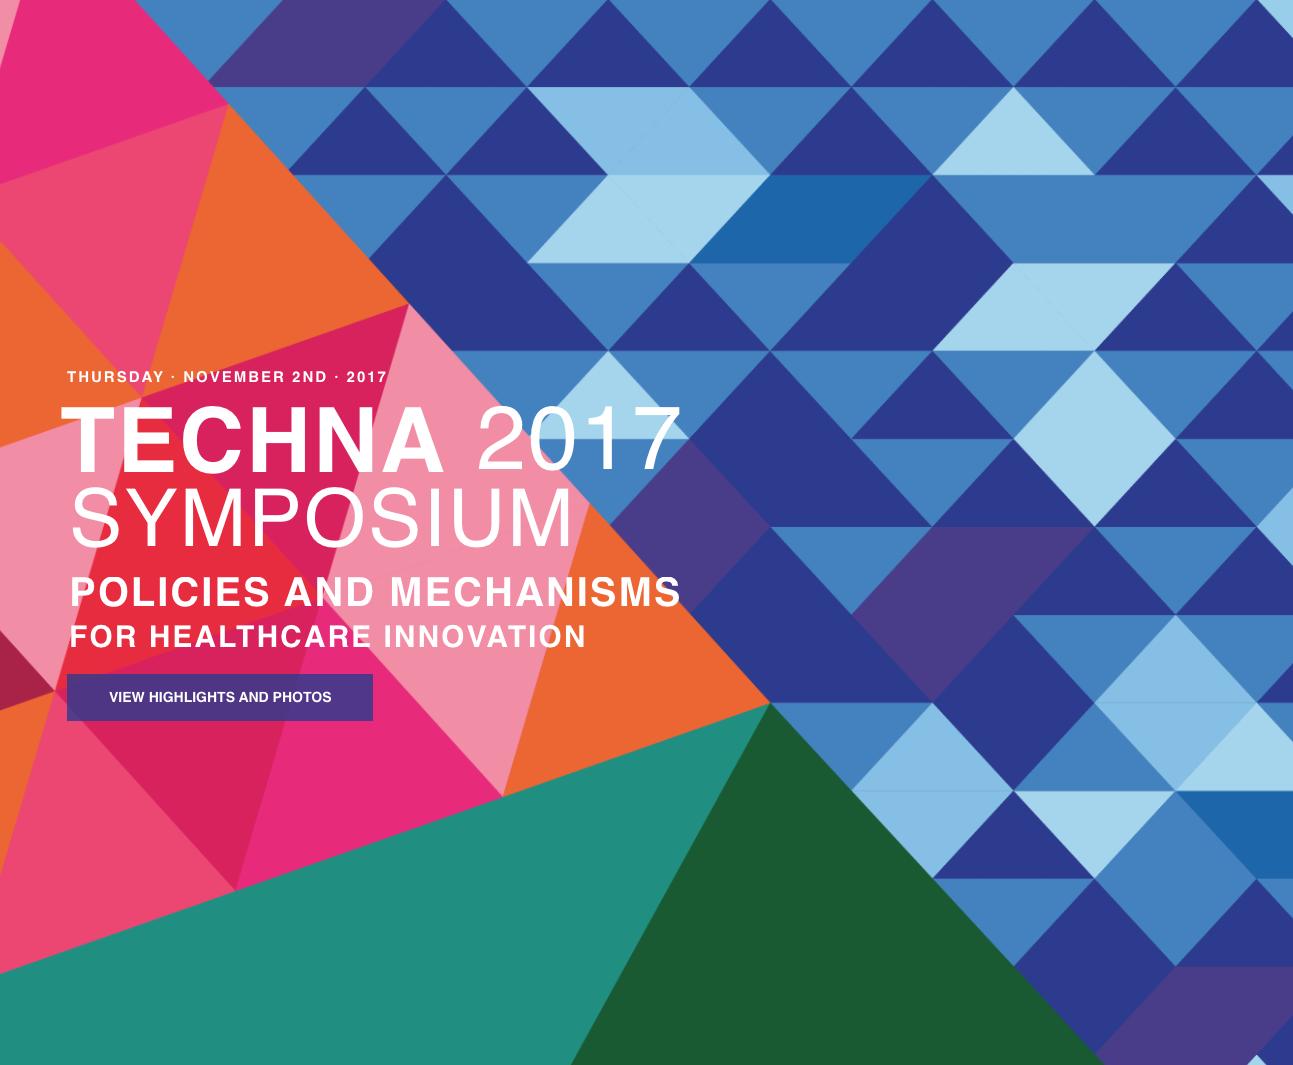 symposium art 2017